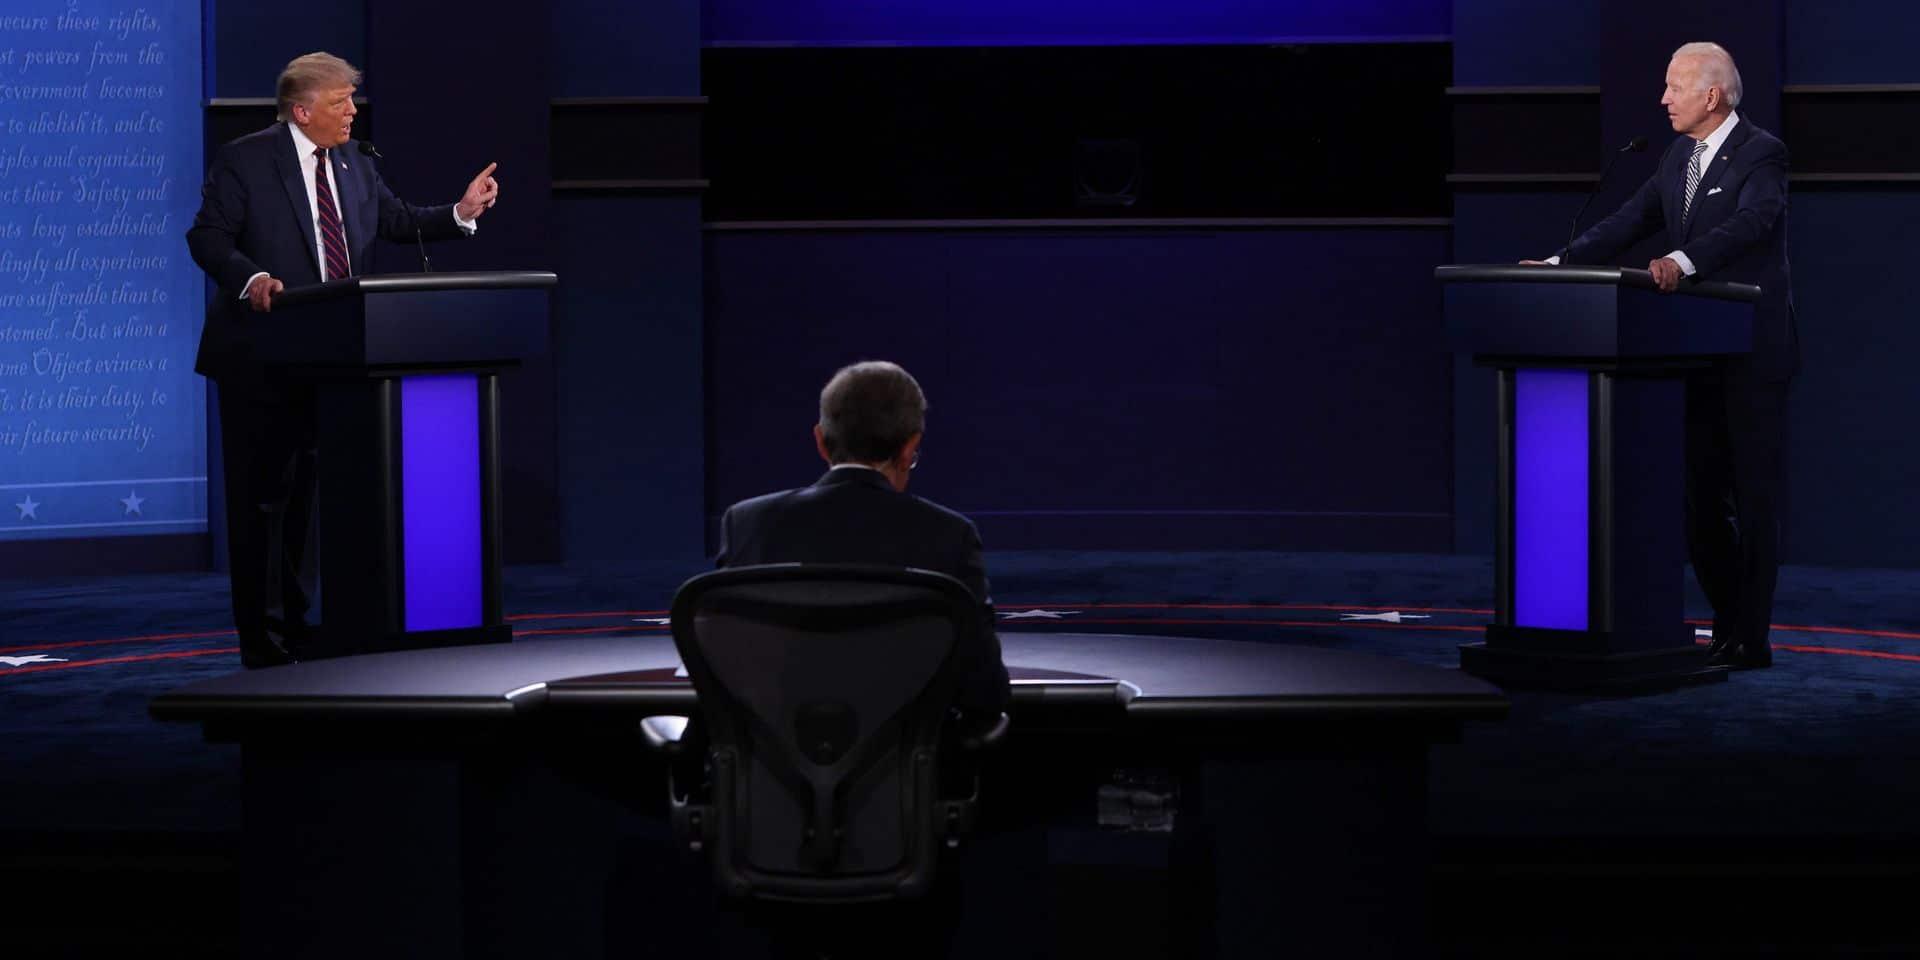 Les micros de Donald Trump et Joe Biden pourront être coupés lors de leur prochain débat